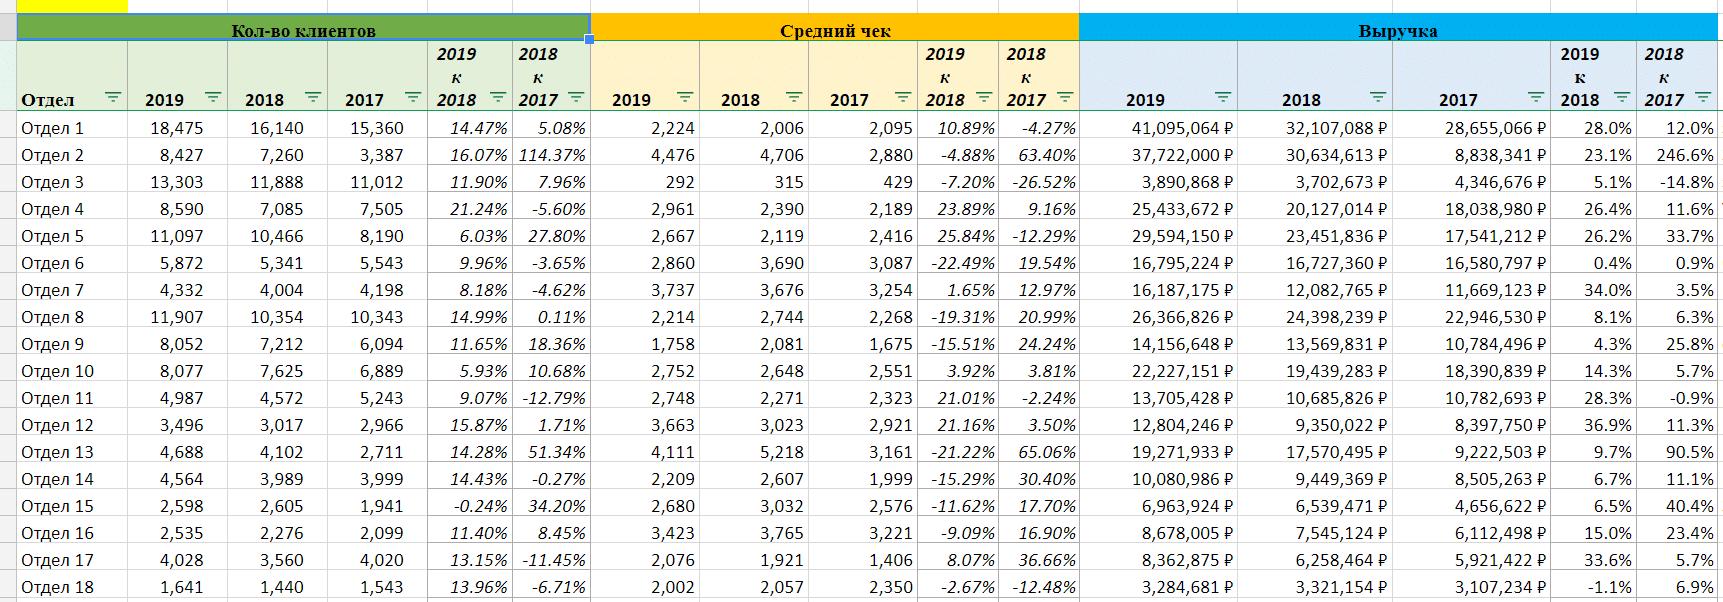 исходные данные